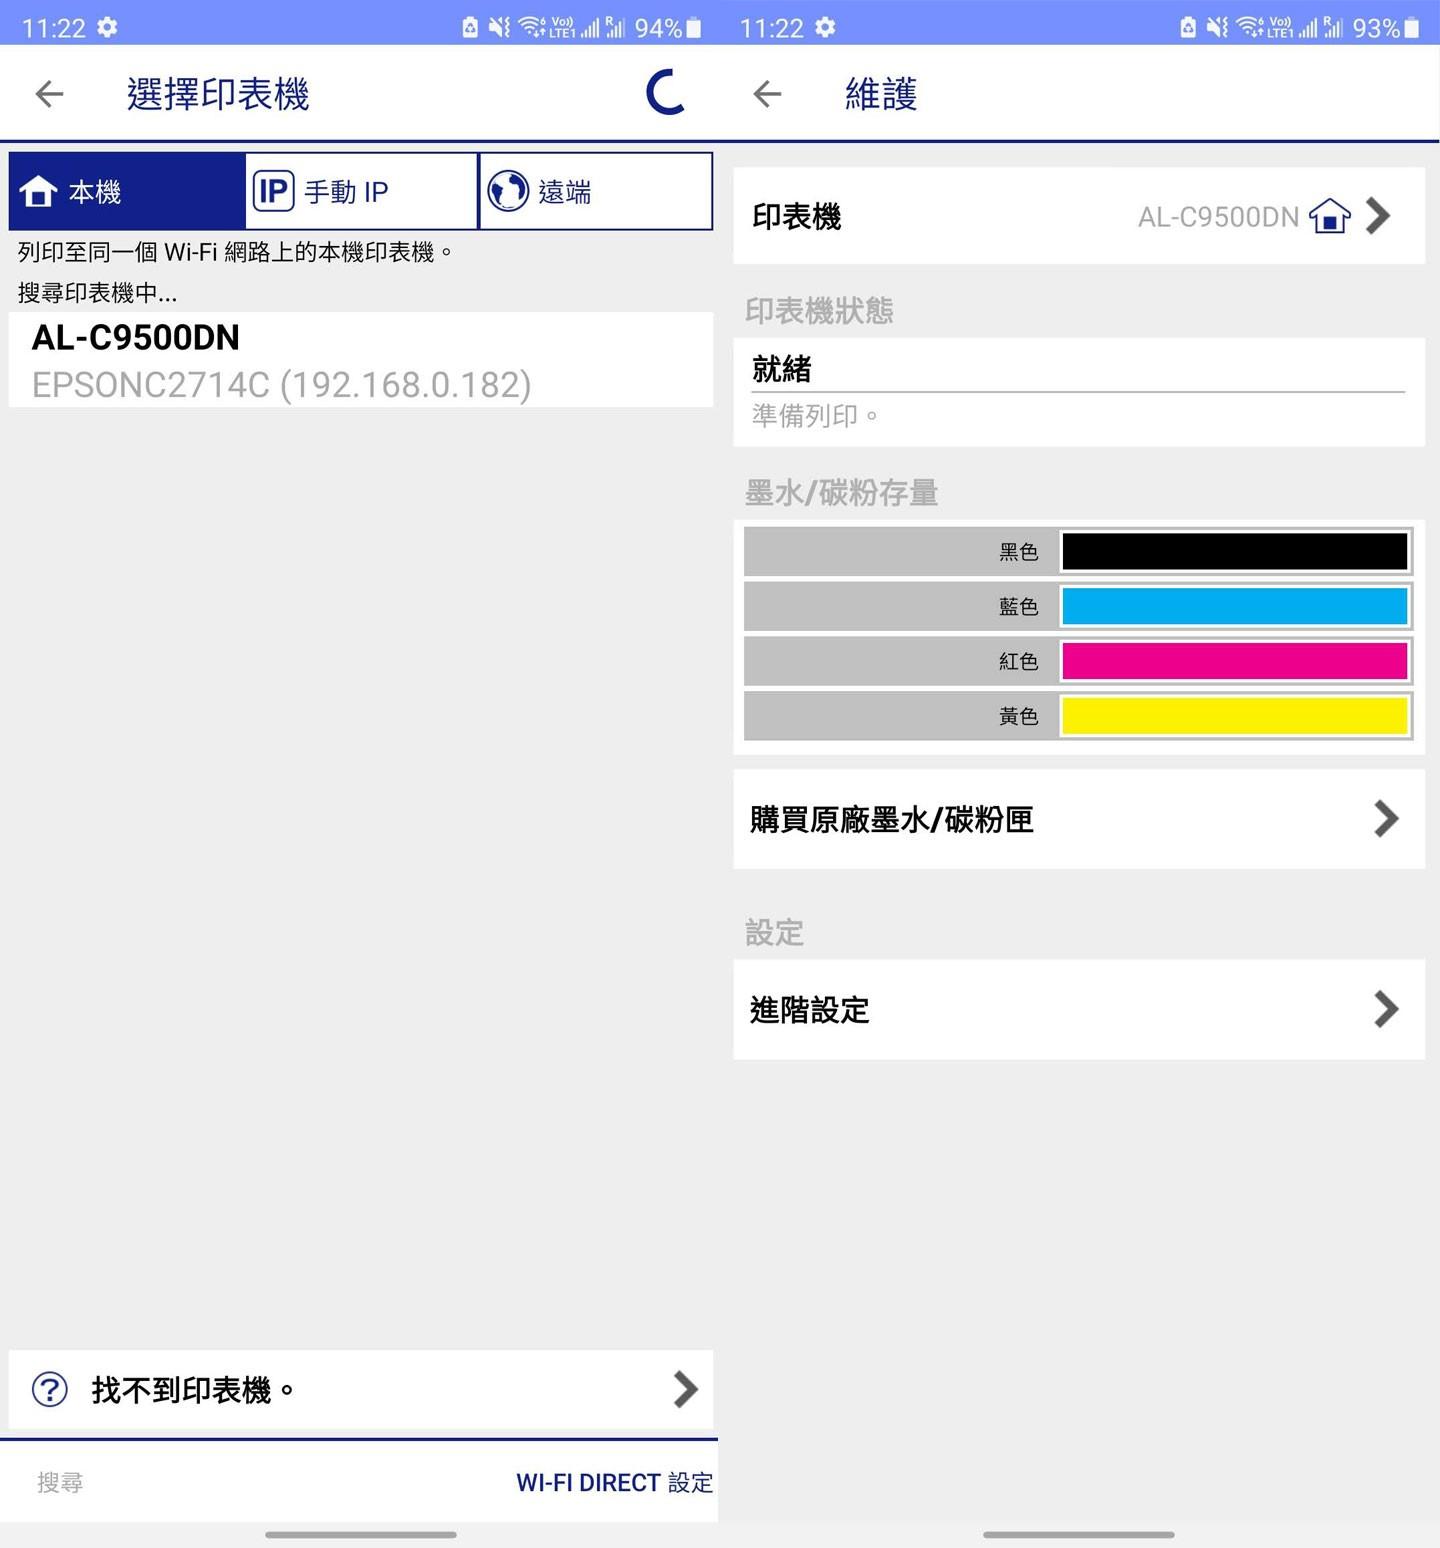 AL-C9500DN 在完成區域網路連線後,若所處環境有同步整合無線連網,那在同一區網內已連結的行動裝置也能透過 Epson iPrint APP 找到設備並完成連結,即可直接在手機端查看 AL-C9500DN 的狀態並享受行動列印的便利性。